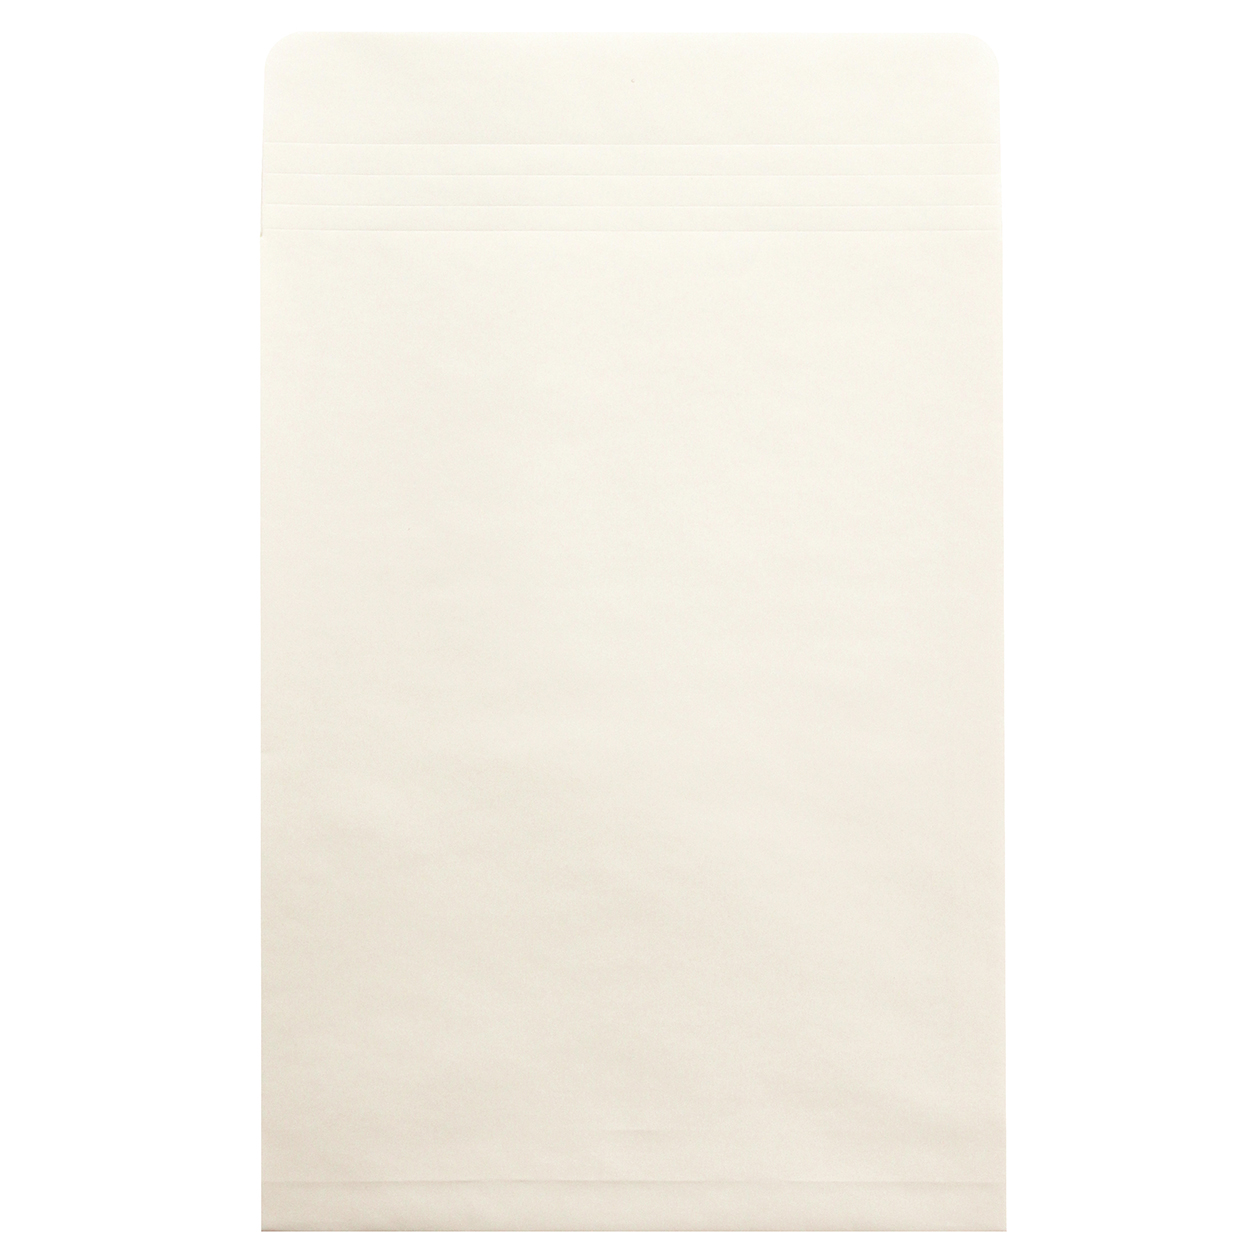 角2はこ貼封筒 晒クラフト 120g センター貼